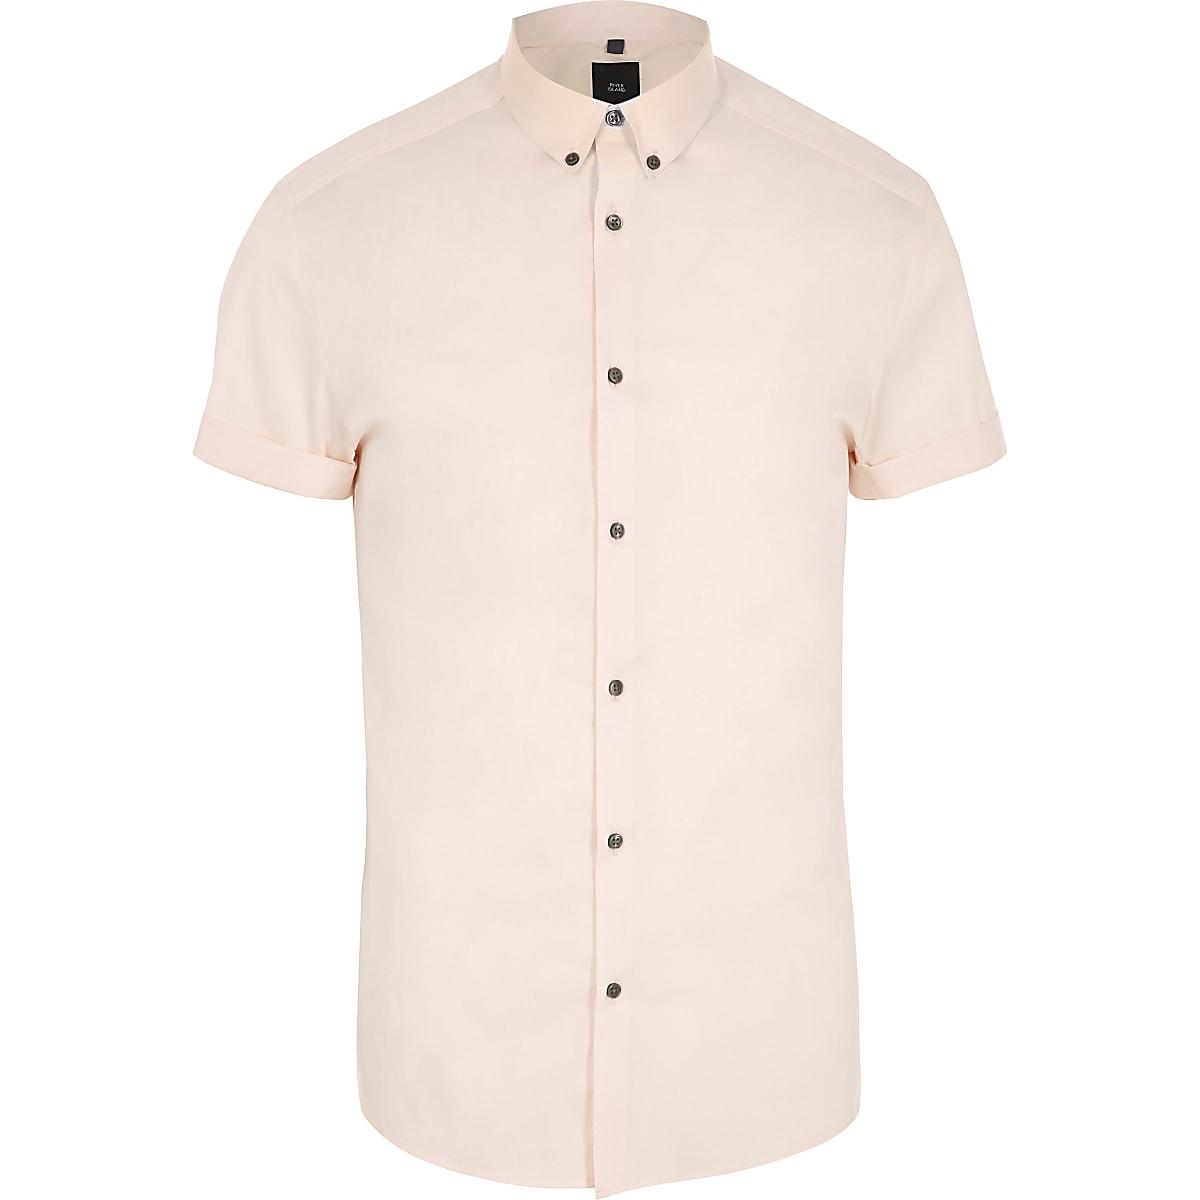 Roze aansluitend overhemd met korte mouwen